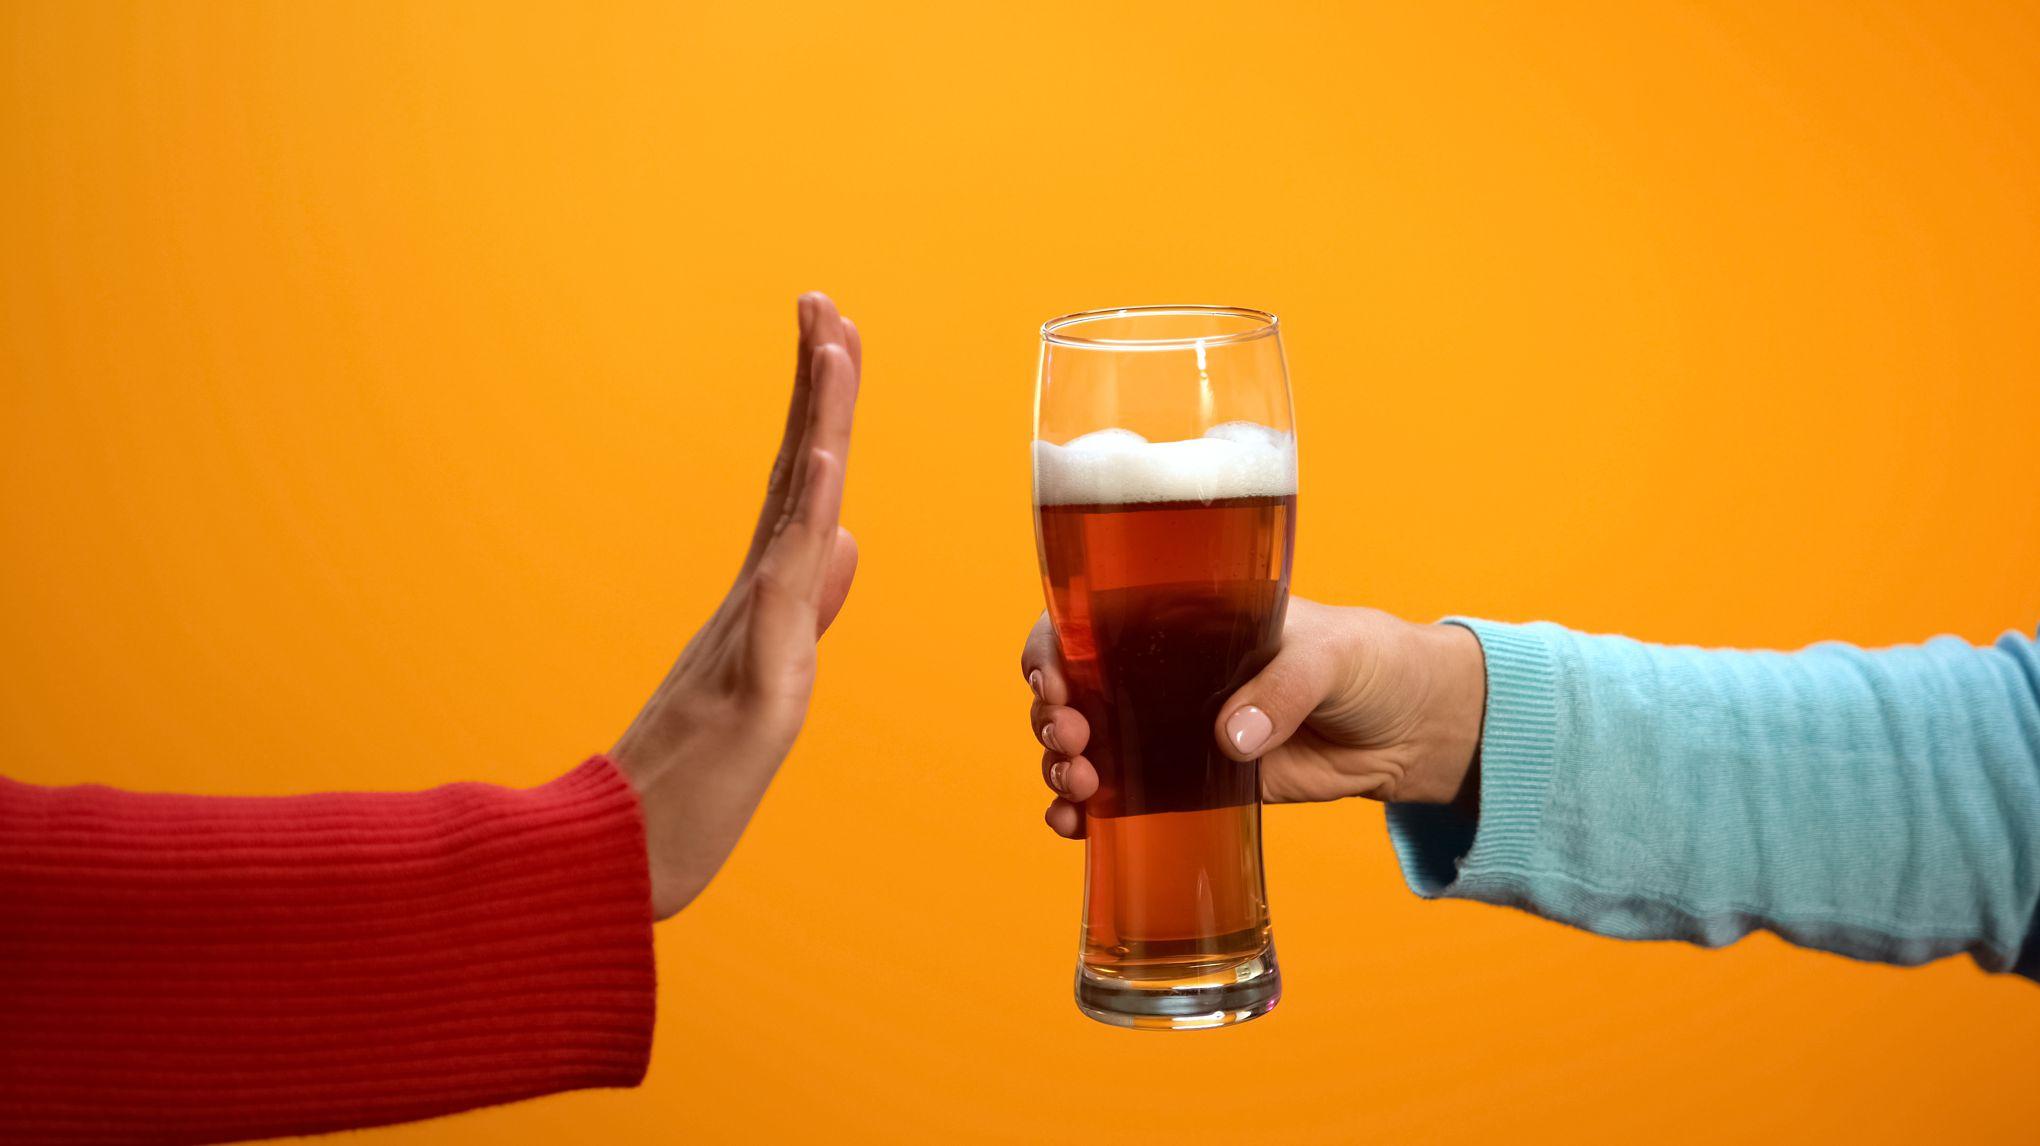 """Résultat de recherche d'images pour """"Arrêtez de fumer et de boire des boissons alcoolisées"""""""